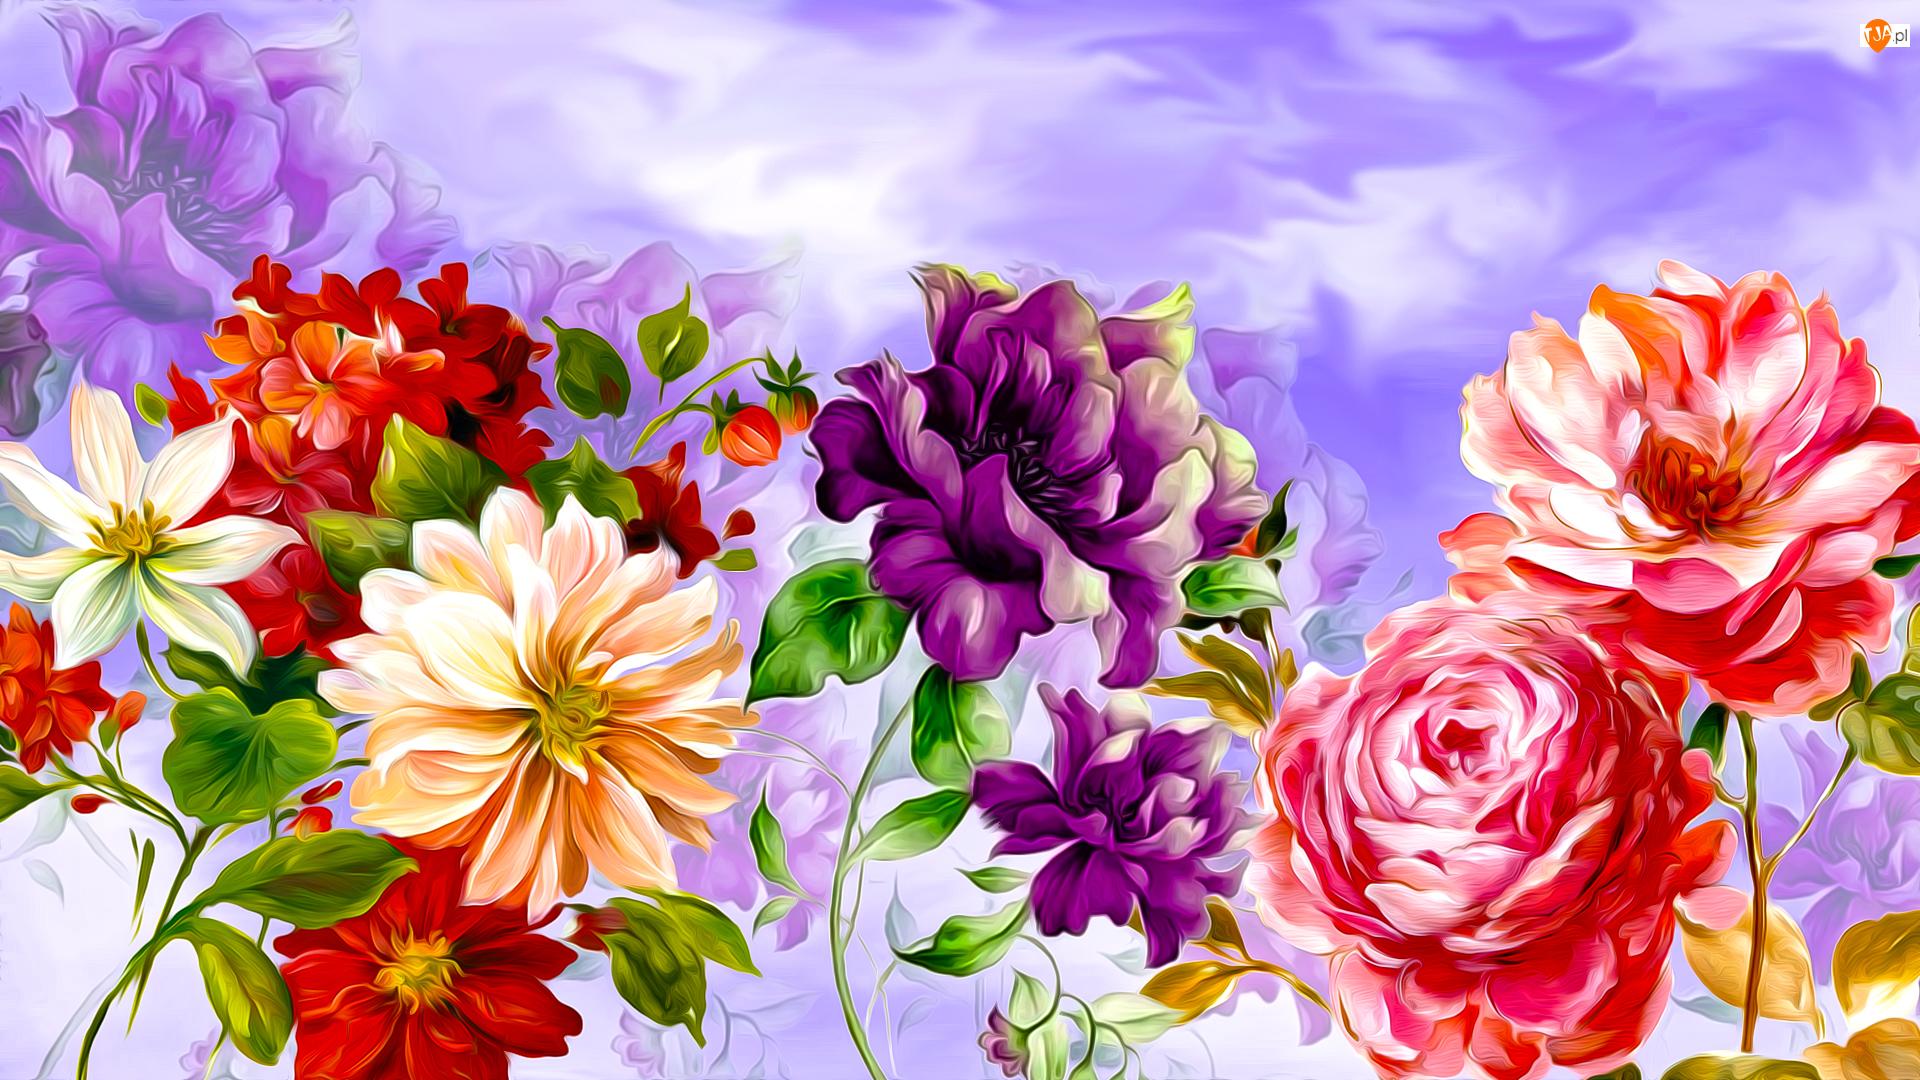 Fioletowe, Grafika, Żółte, Czerwone, Kwiaty